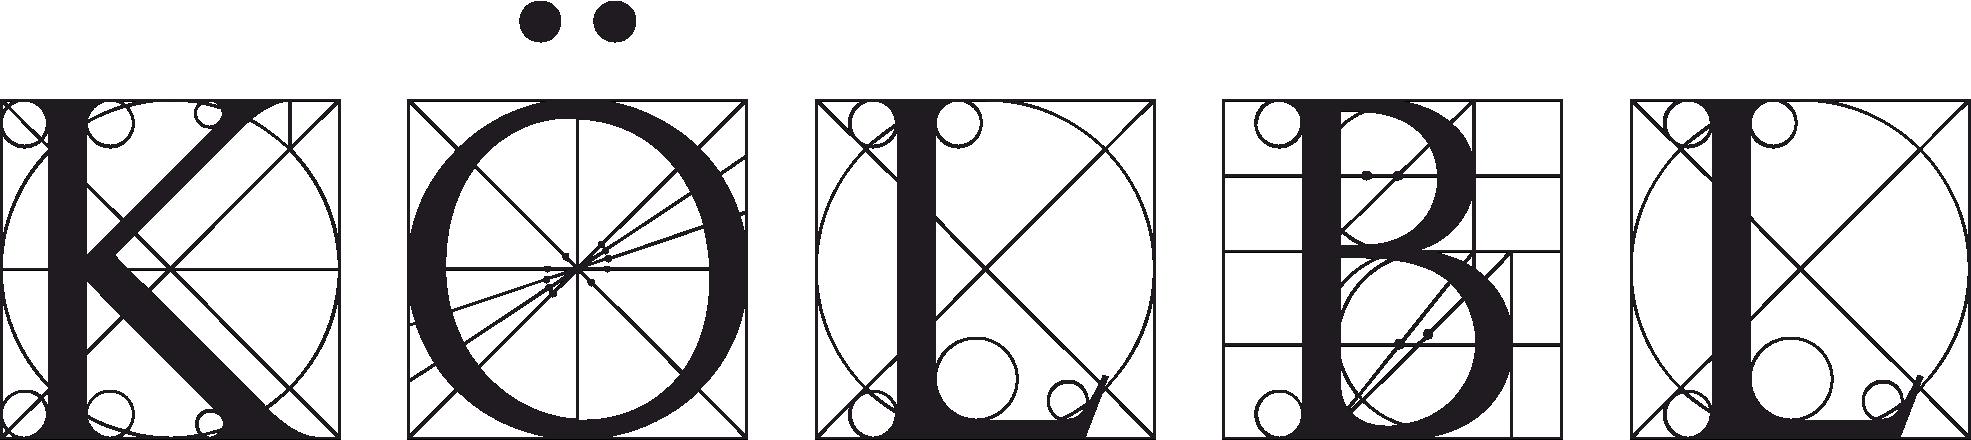 Kölbl Kamenictví - Rozvržení písmen